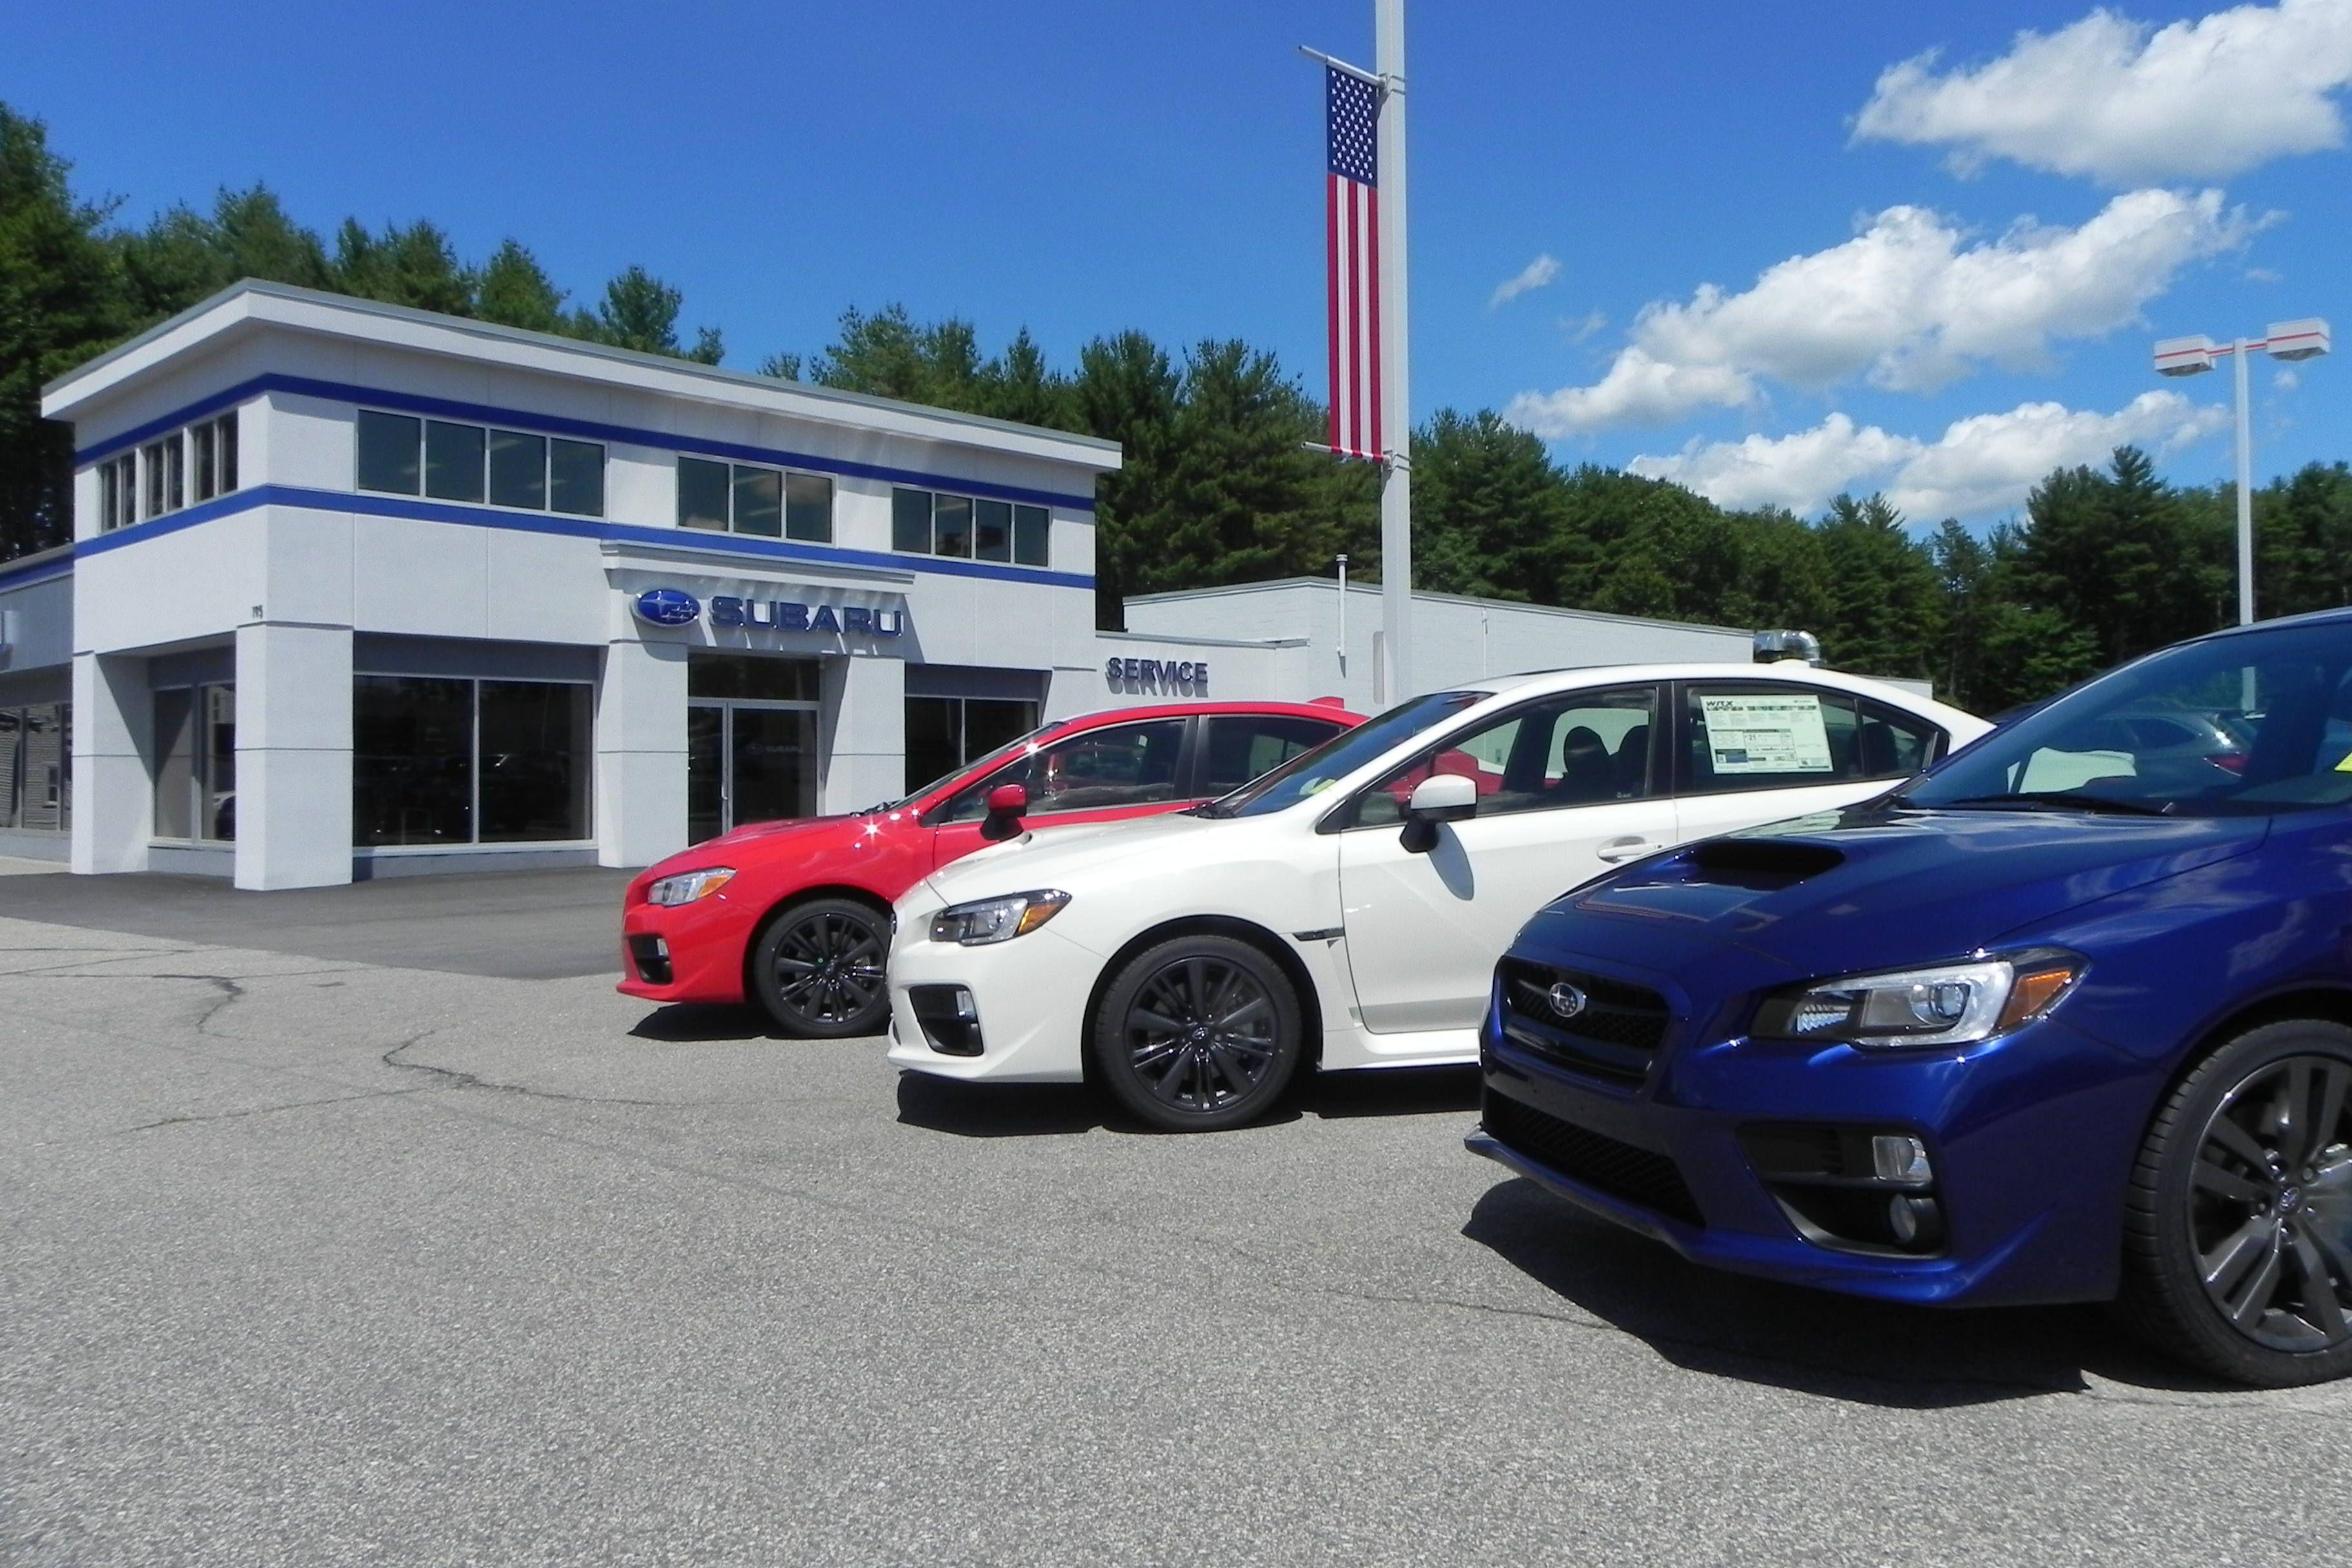 Subaru Dealer Near Me >> Good Used Car Lots Near Me Best Of Tri City Subaru Subaru Dealership